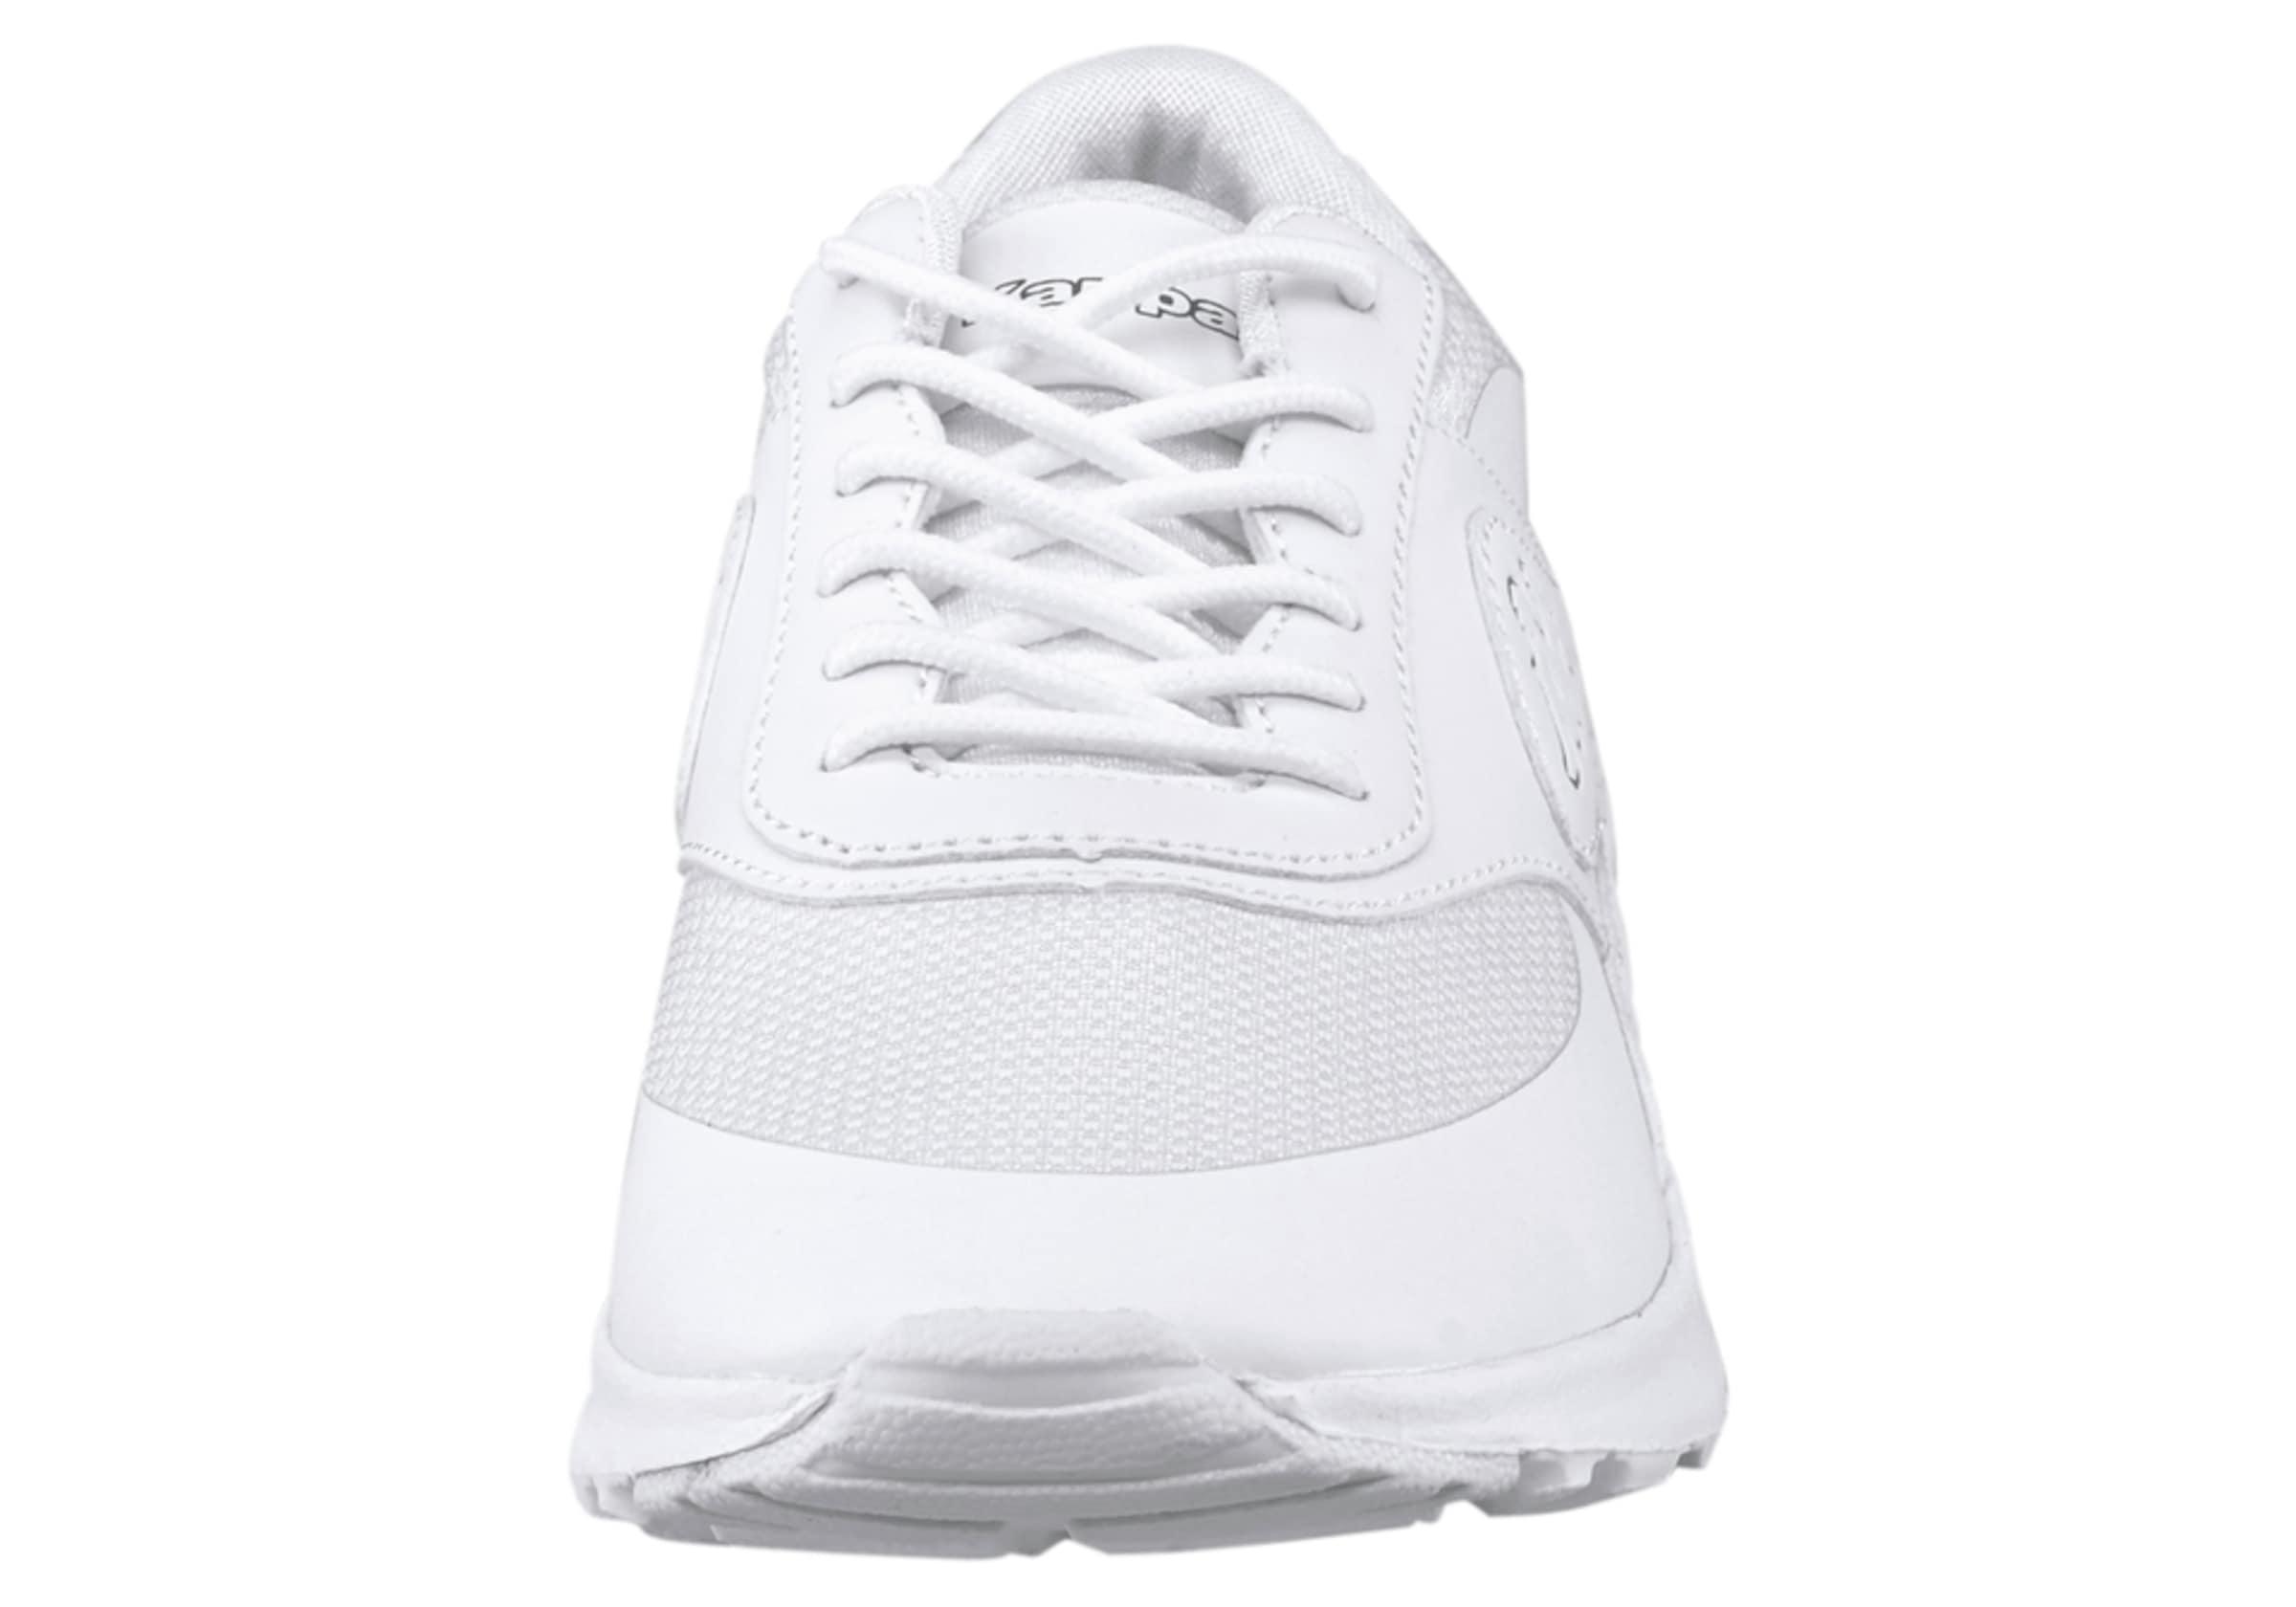 KAPPA Sneaker 100% Authentisch Günstig Kaufen 2018 s5sJZx